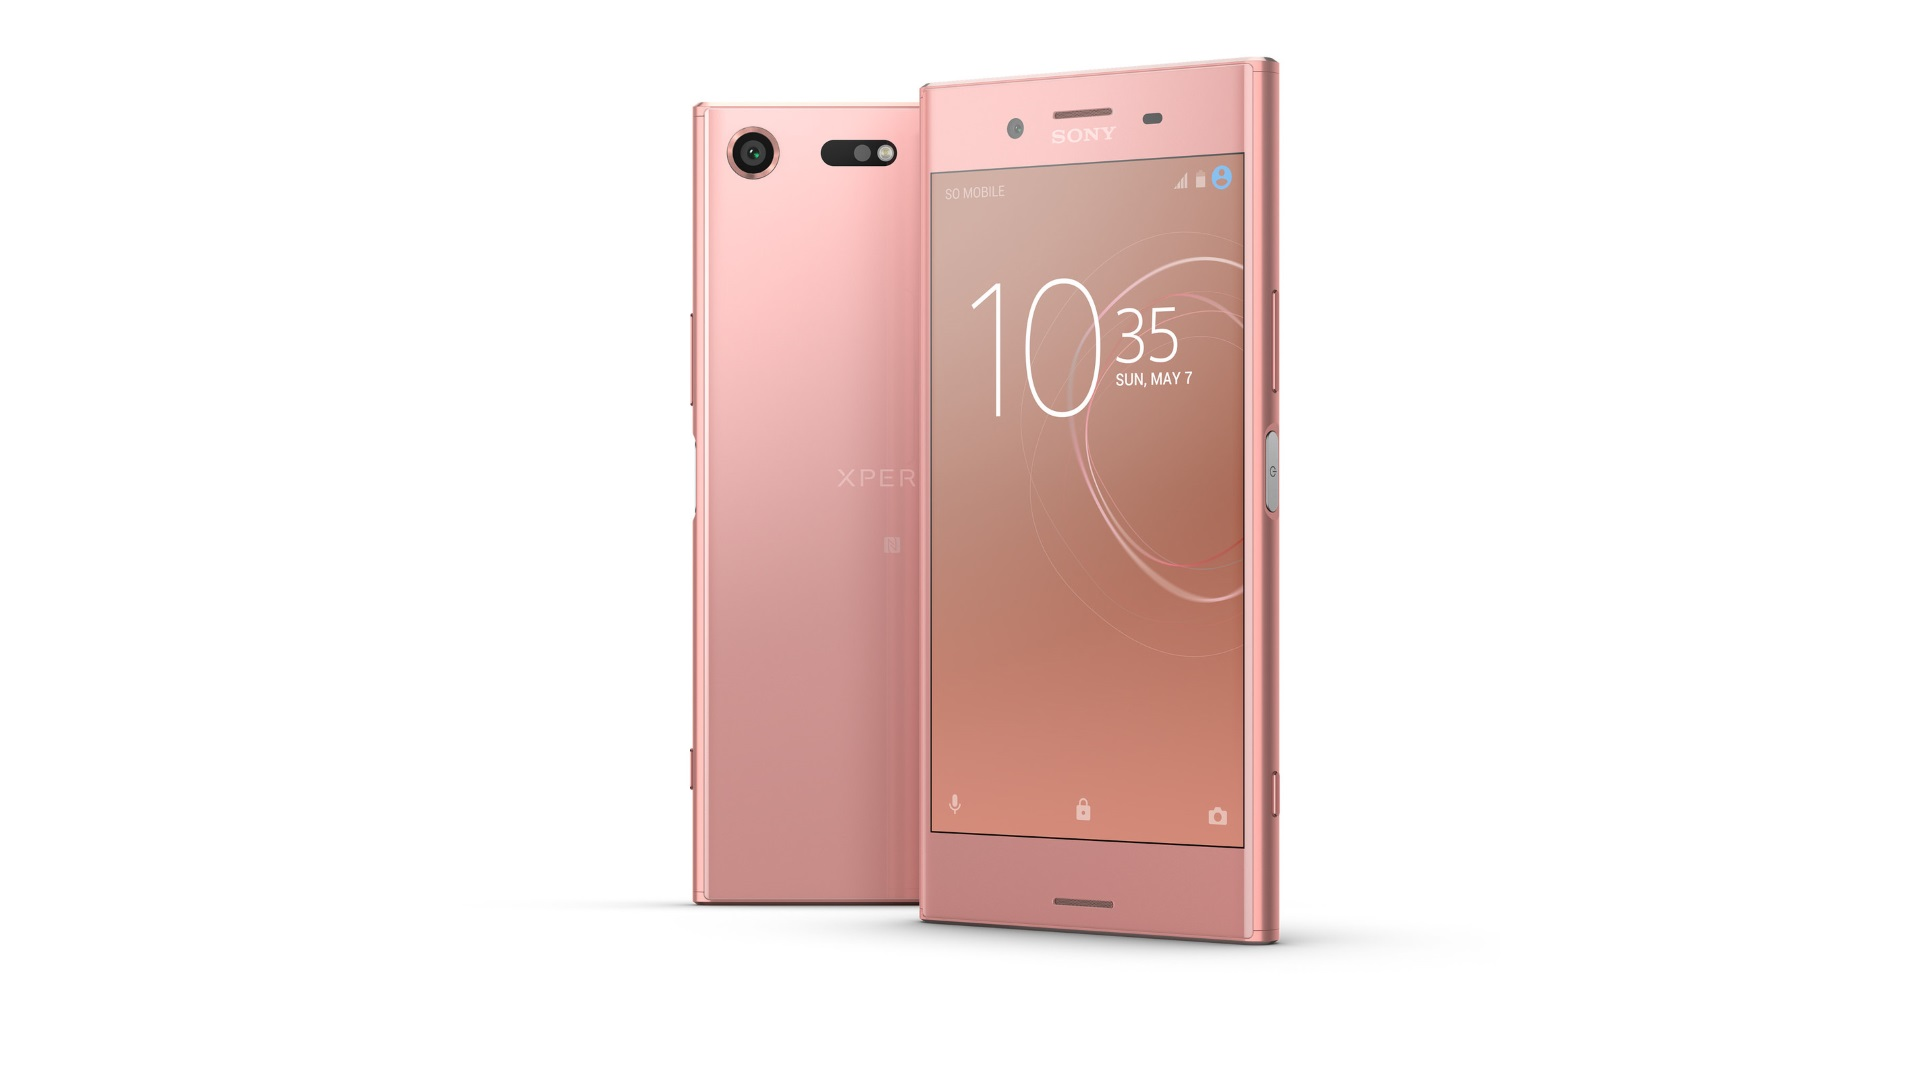 """【更新】Sony Mobile、4Kハイスペックスマートフォン「Xperia XZ Premium」の新色""""Bronze Pink""""を披露"""